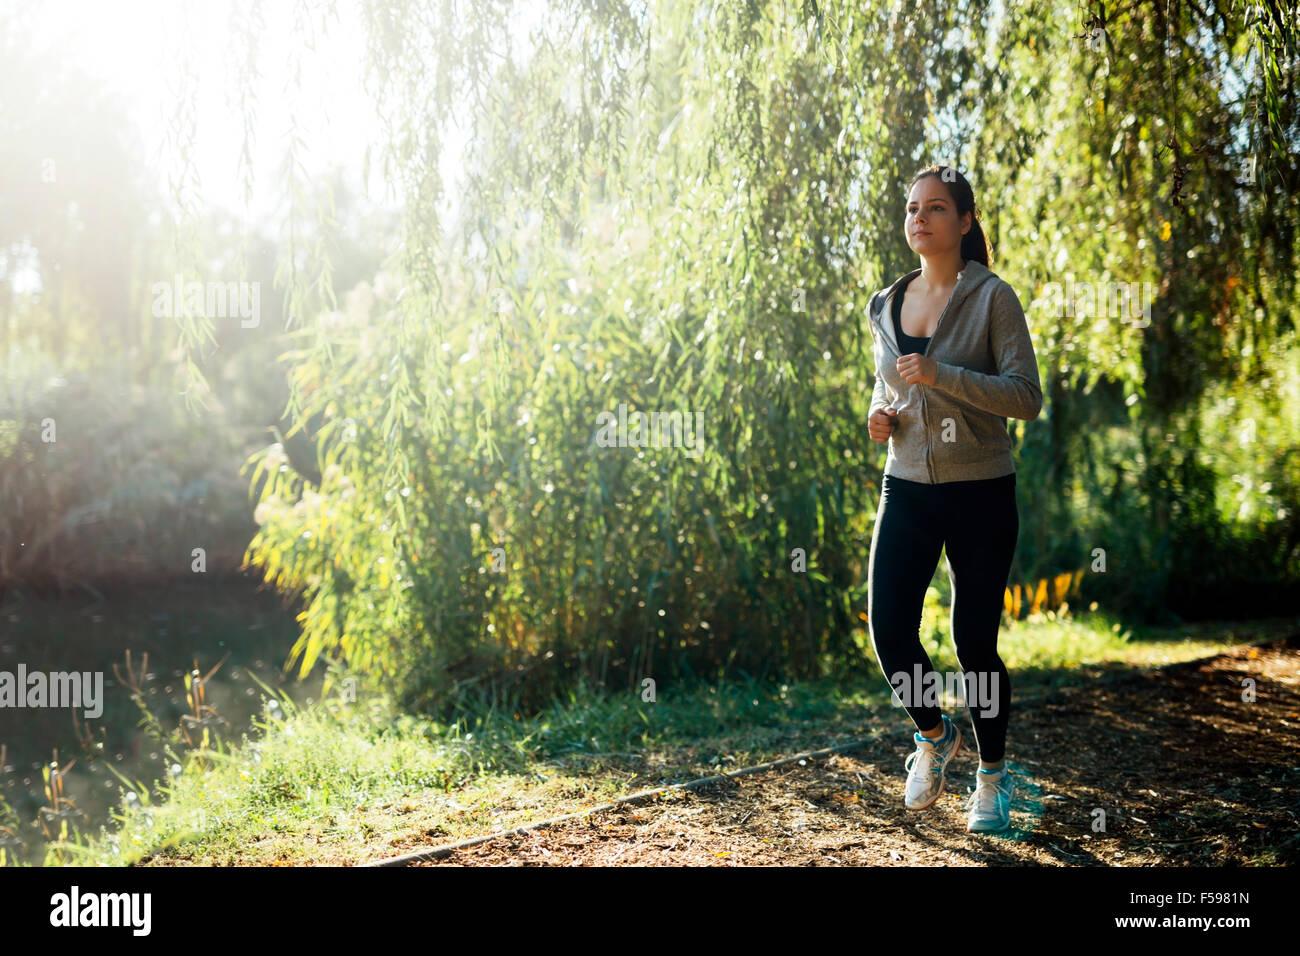 Sportliche Mädchen Joggen im Park in der Nähe eines Flusses Stockbild